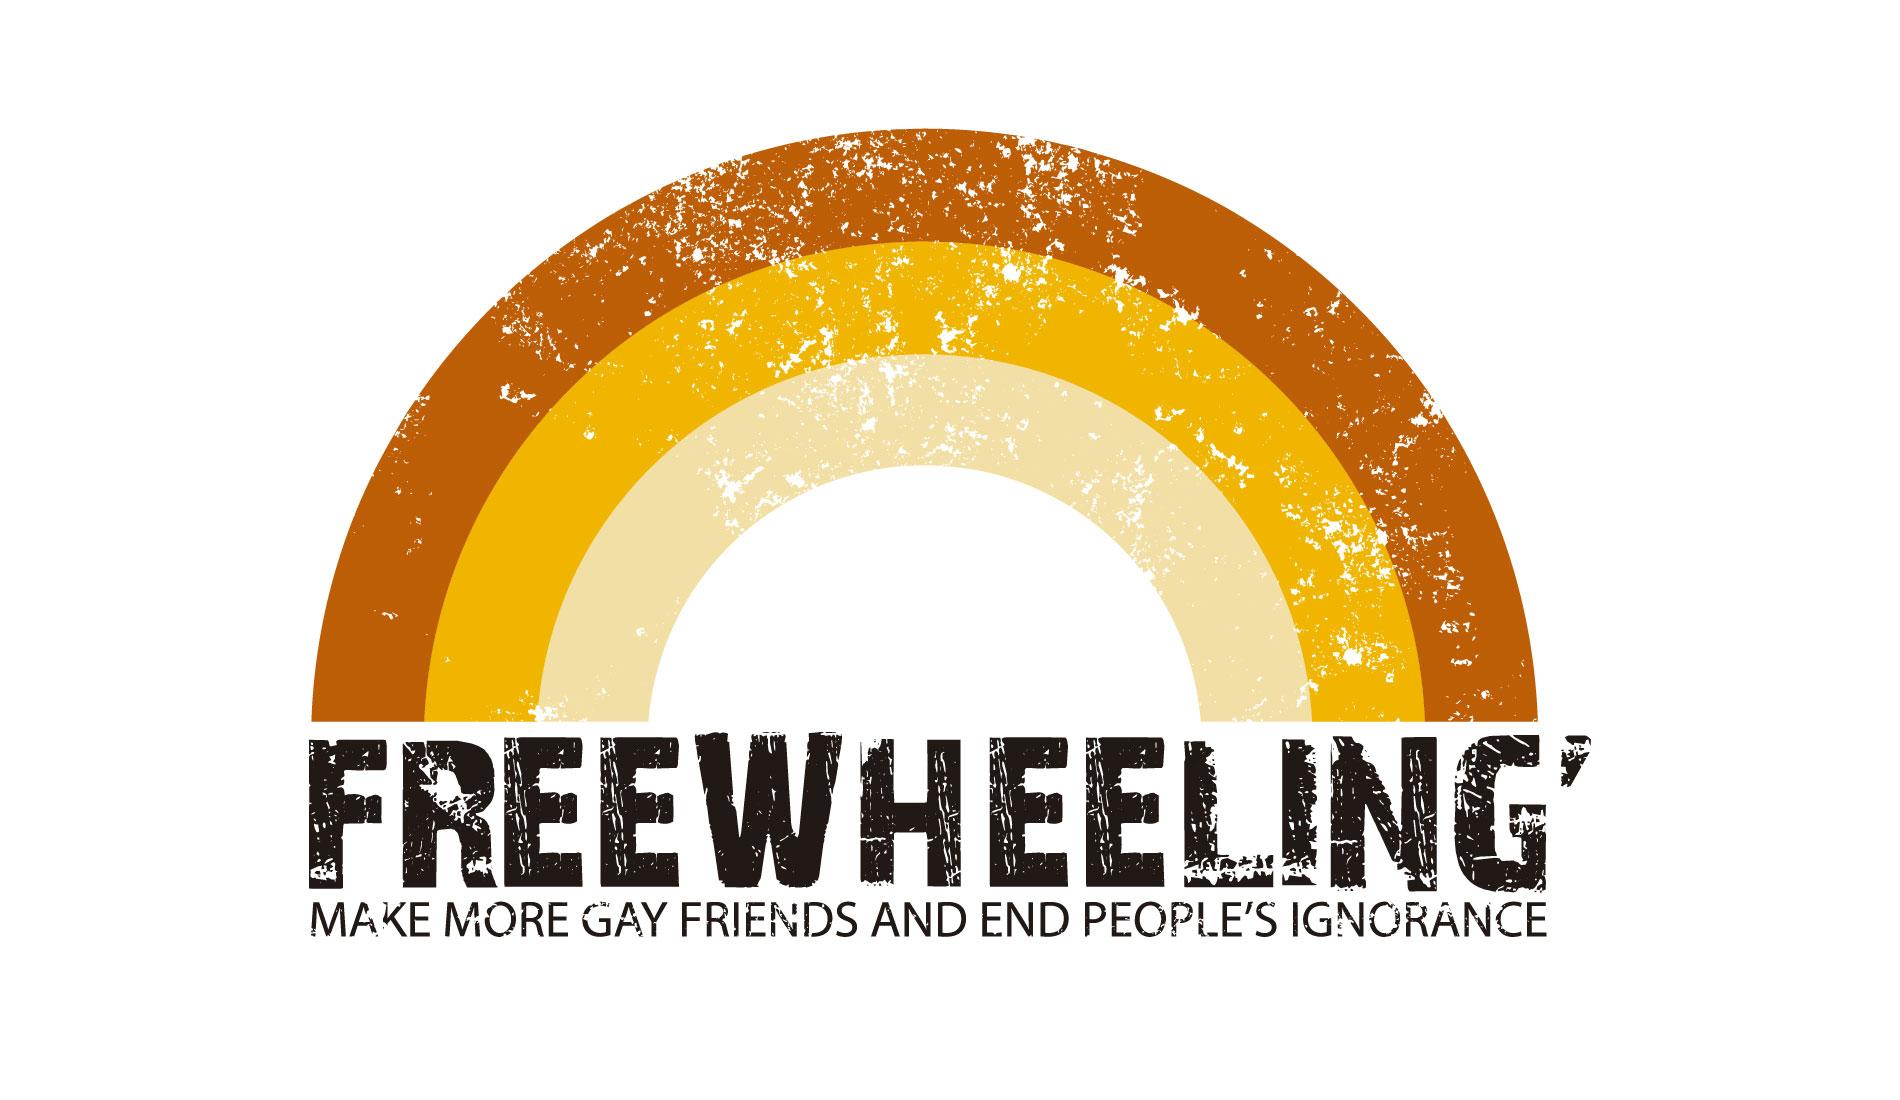 Freewheeling, camisetas com frase da Rockfella coleção Society. Faça mais amigos gays.